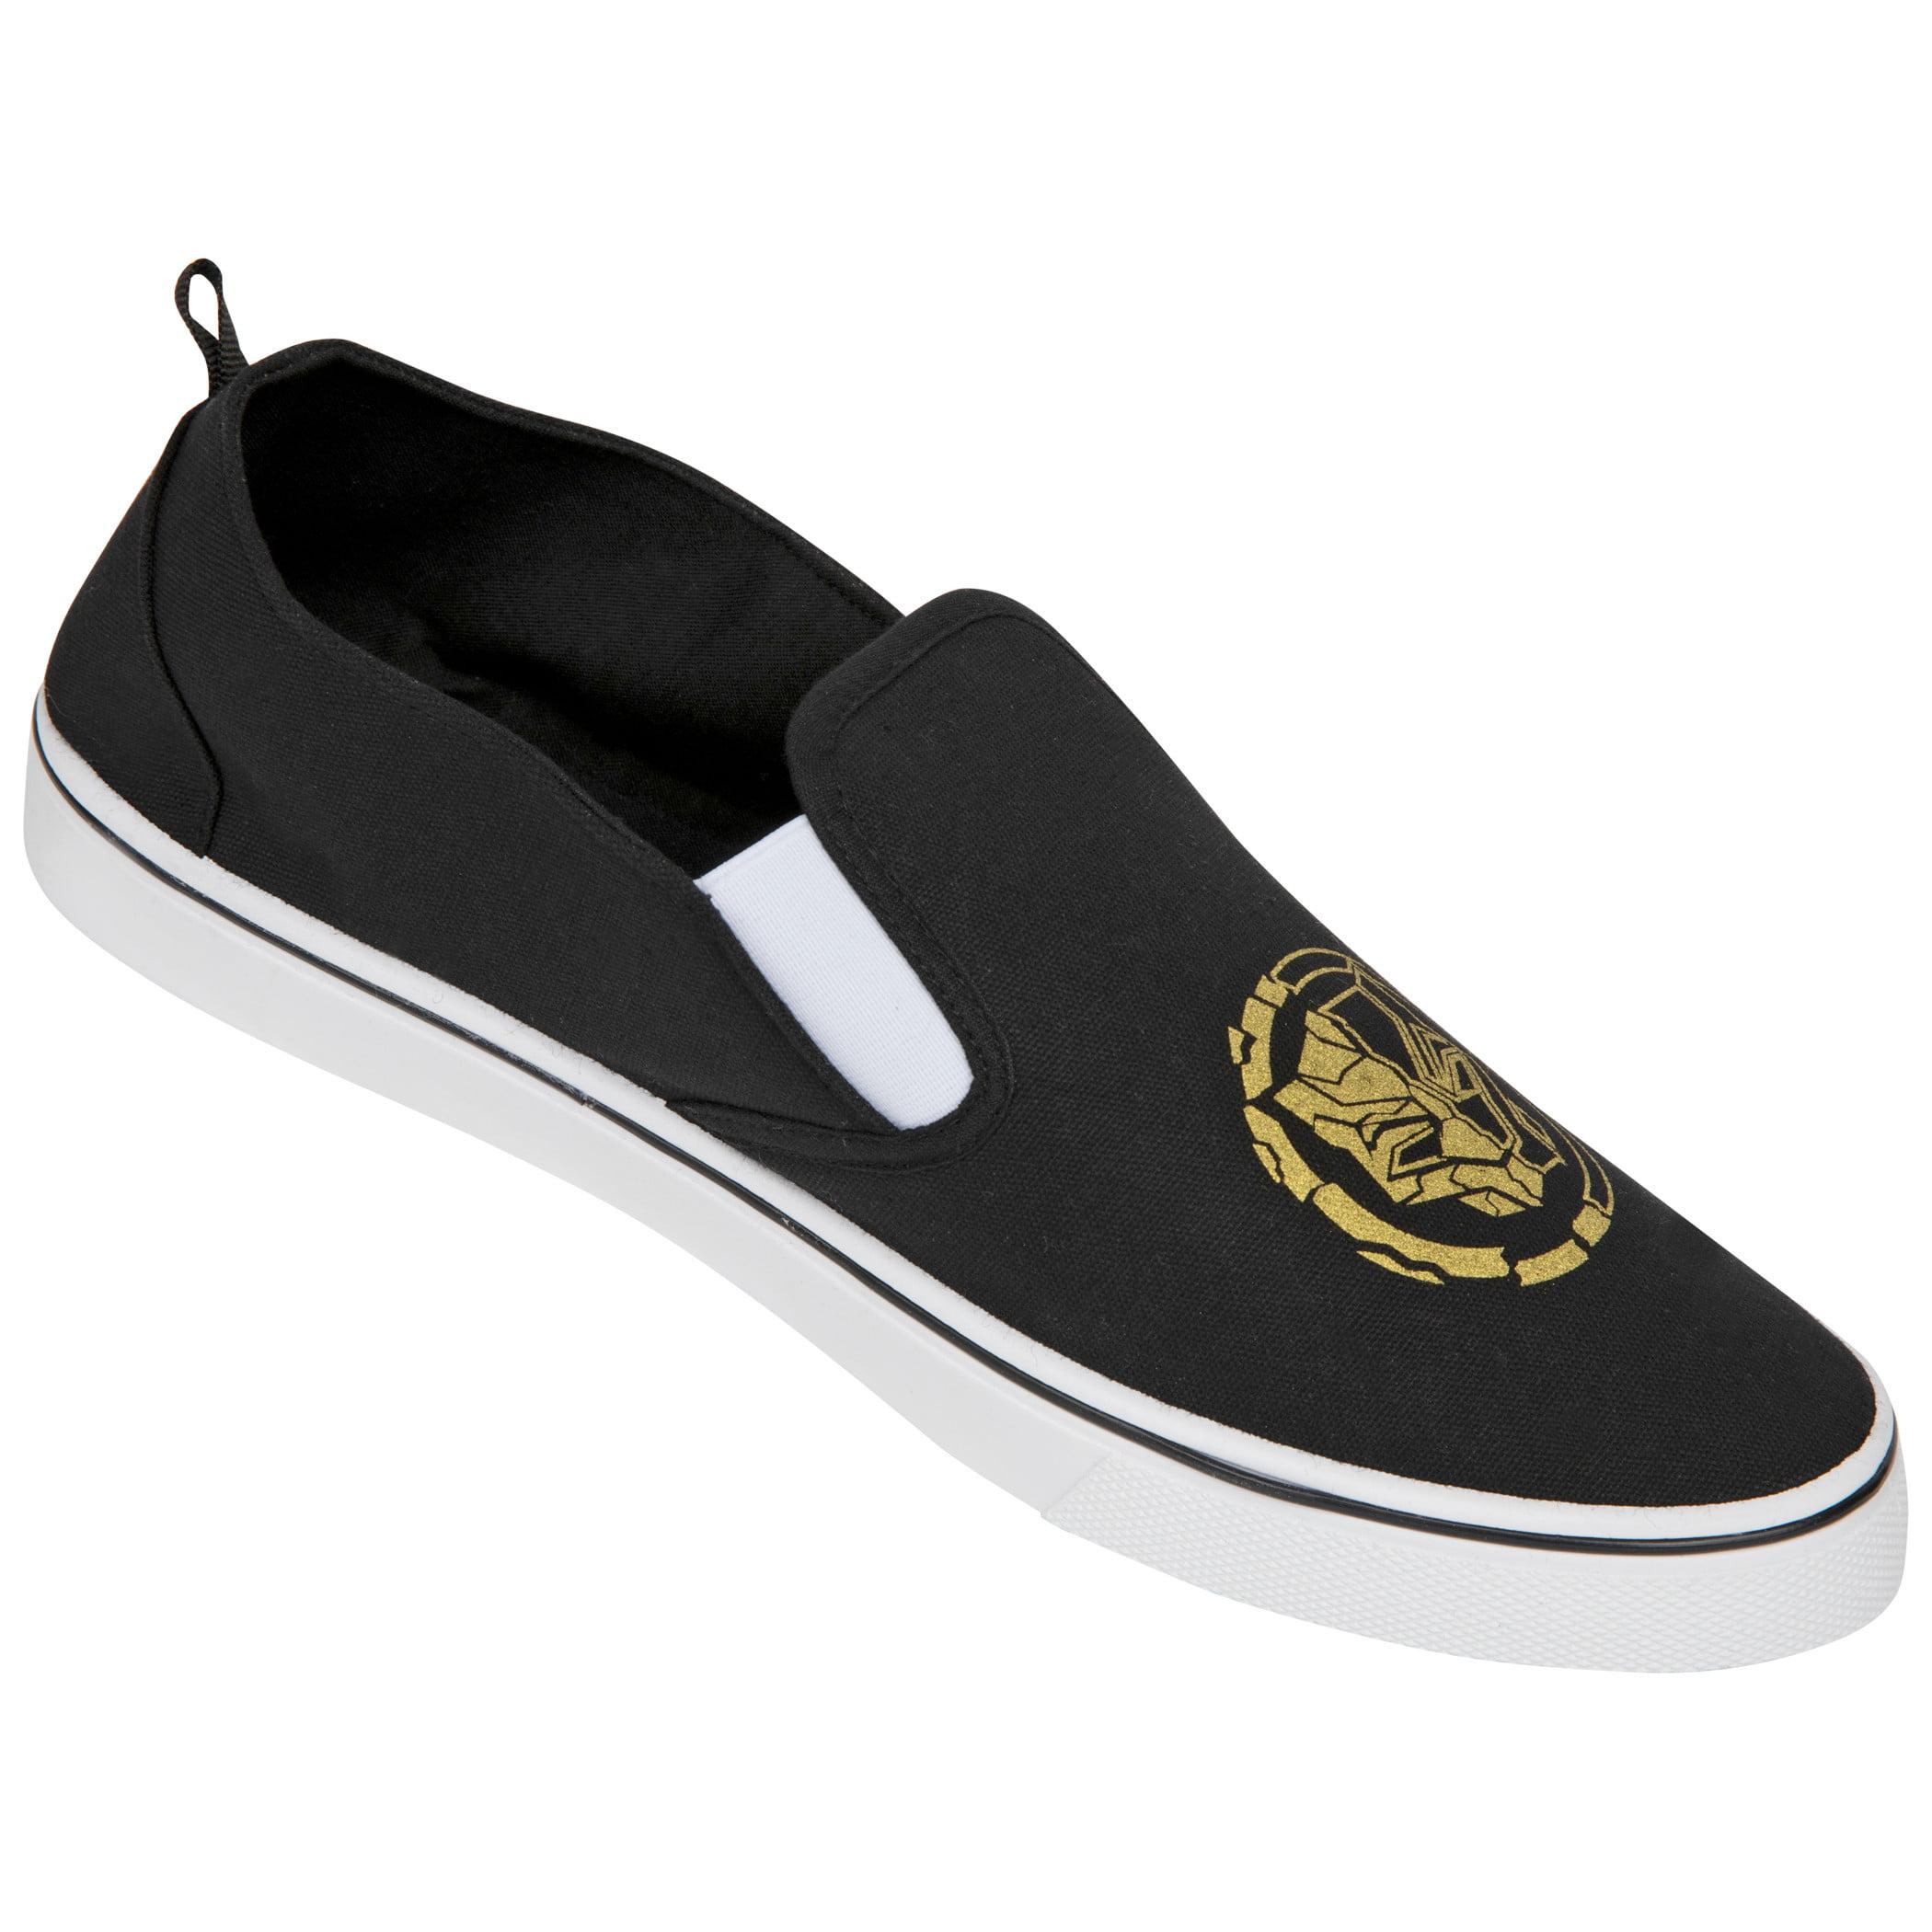 Black Plimsoles Size 11